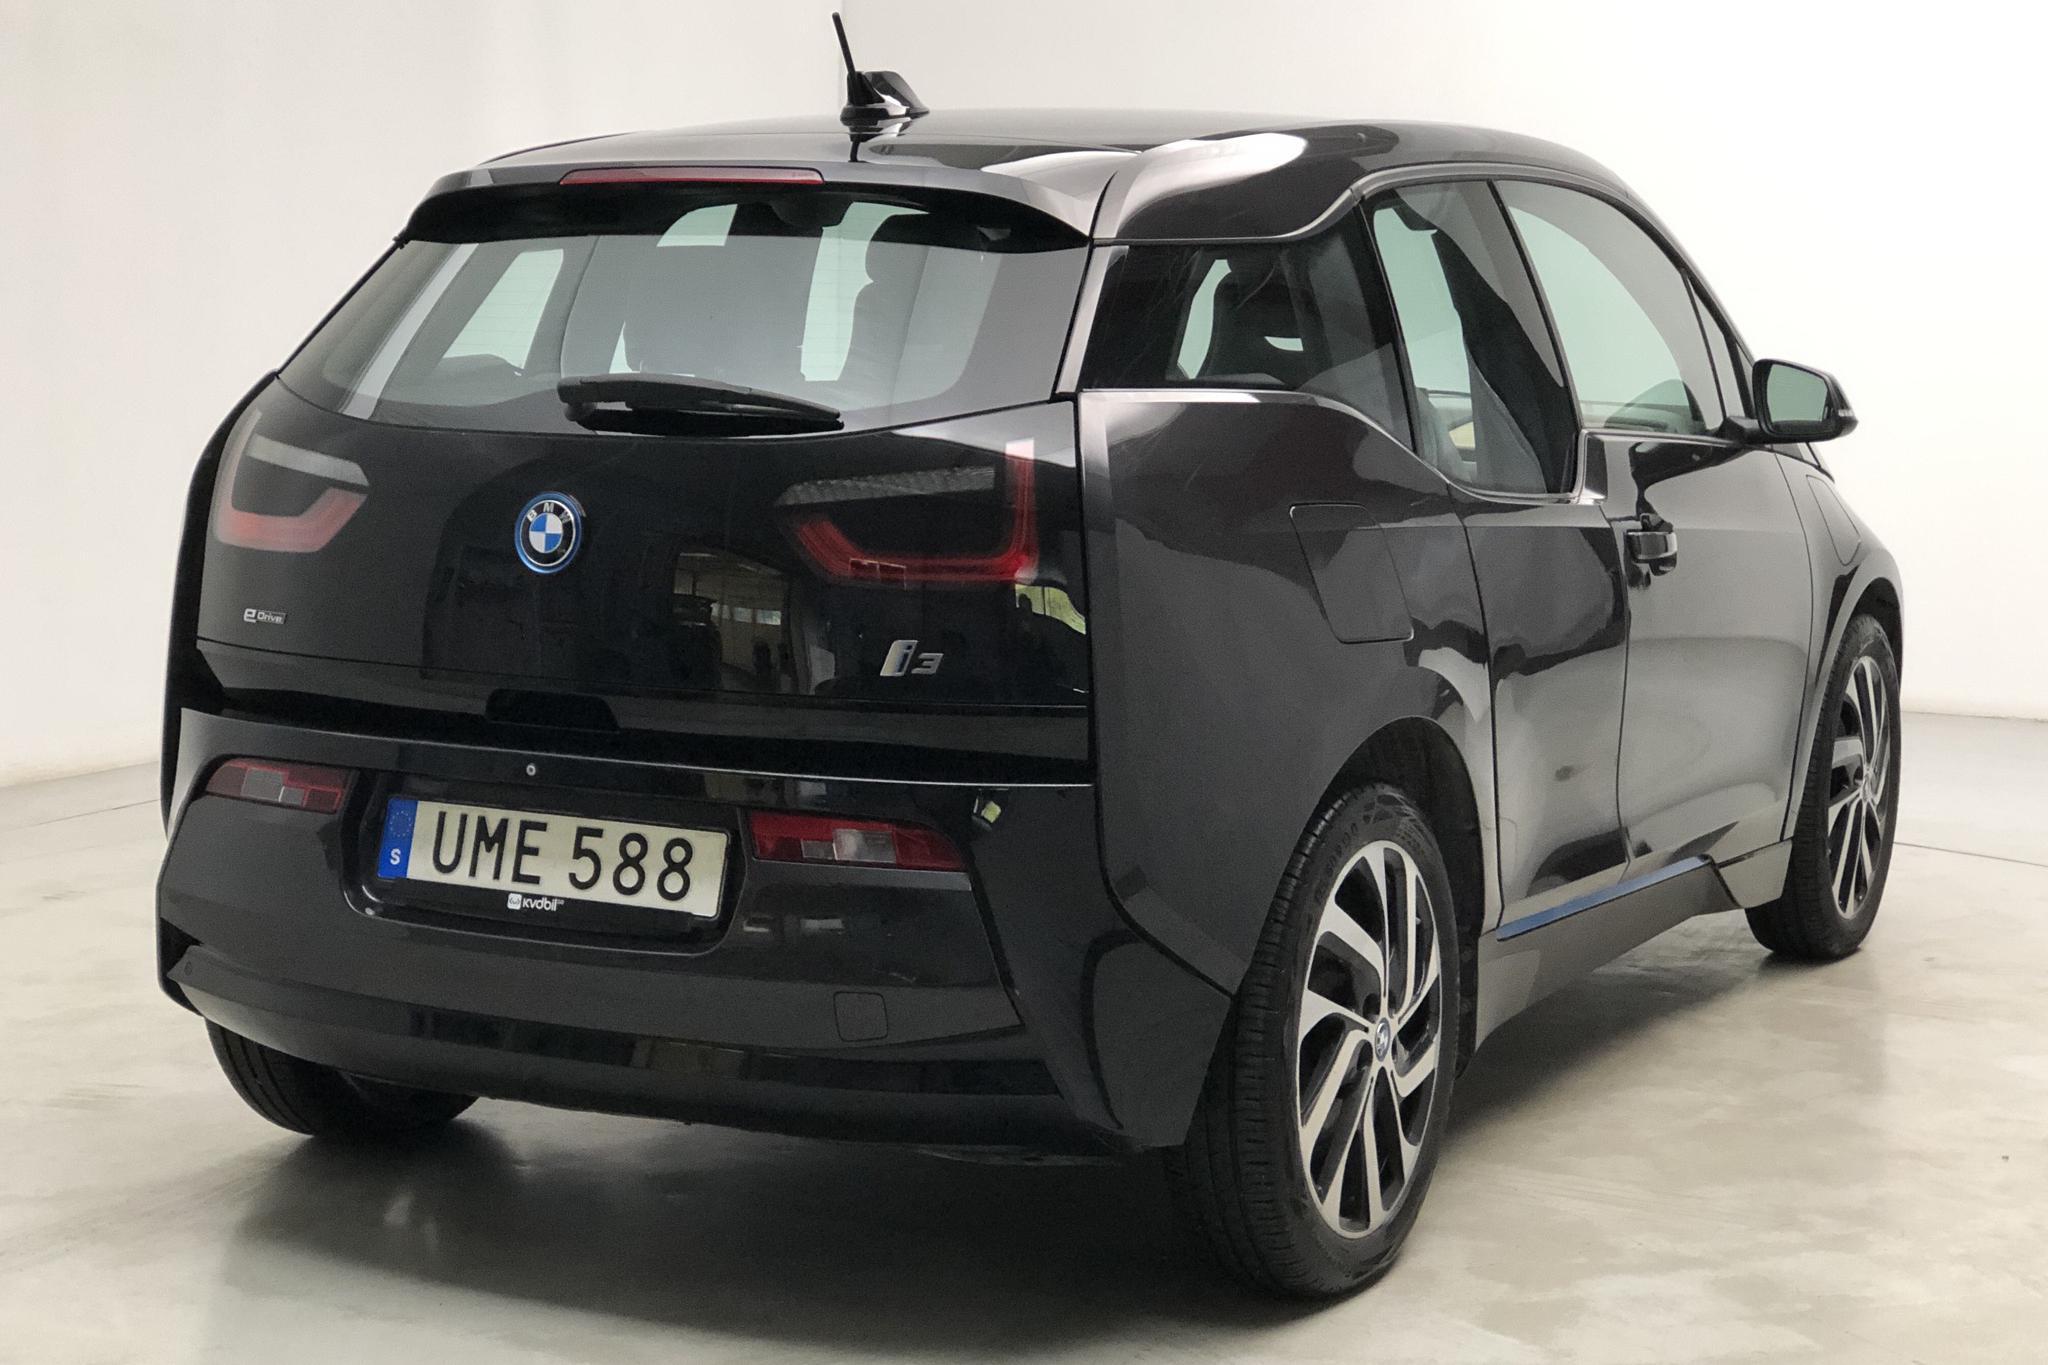 BMW i3 60Ah REX, I01 (170hk) - 105 650 km - Automatic - gray - 2015